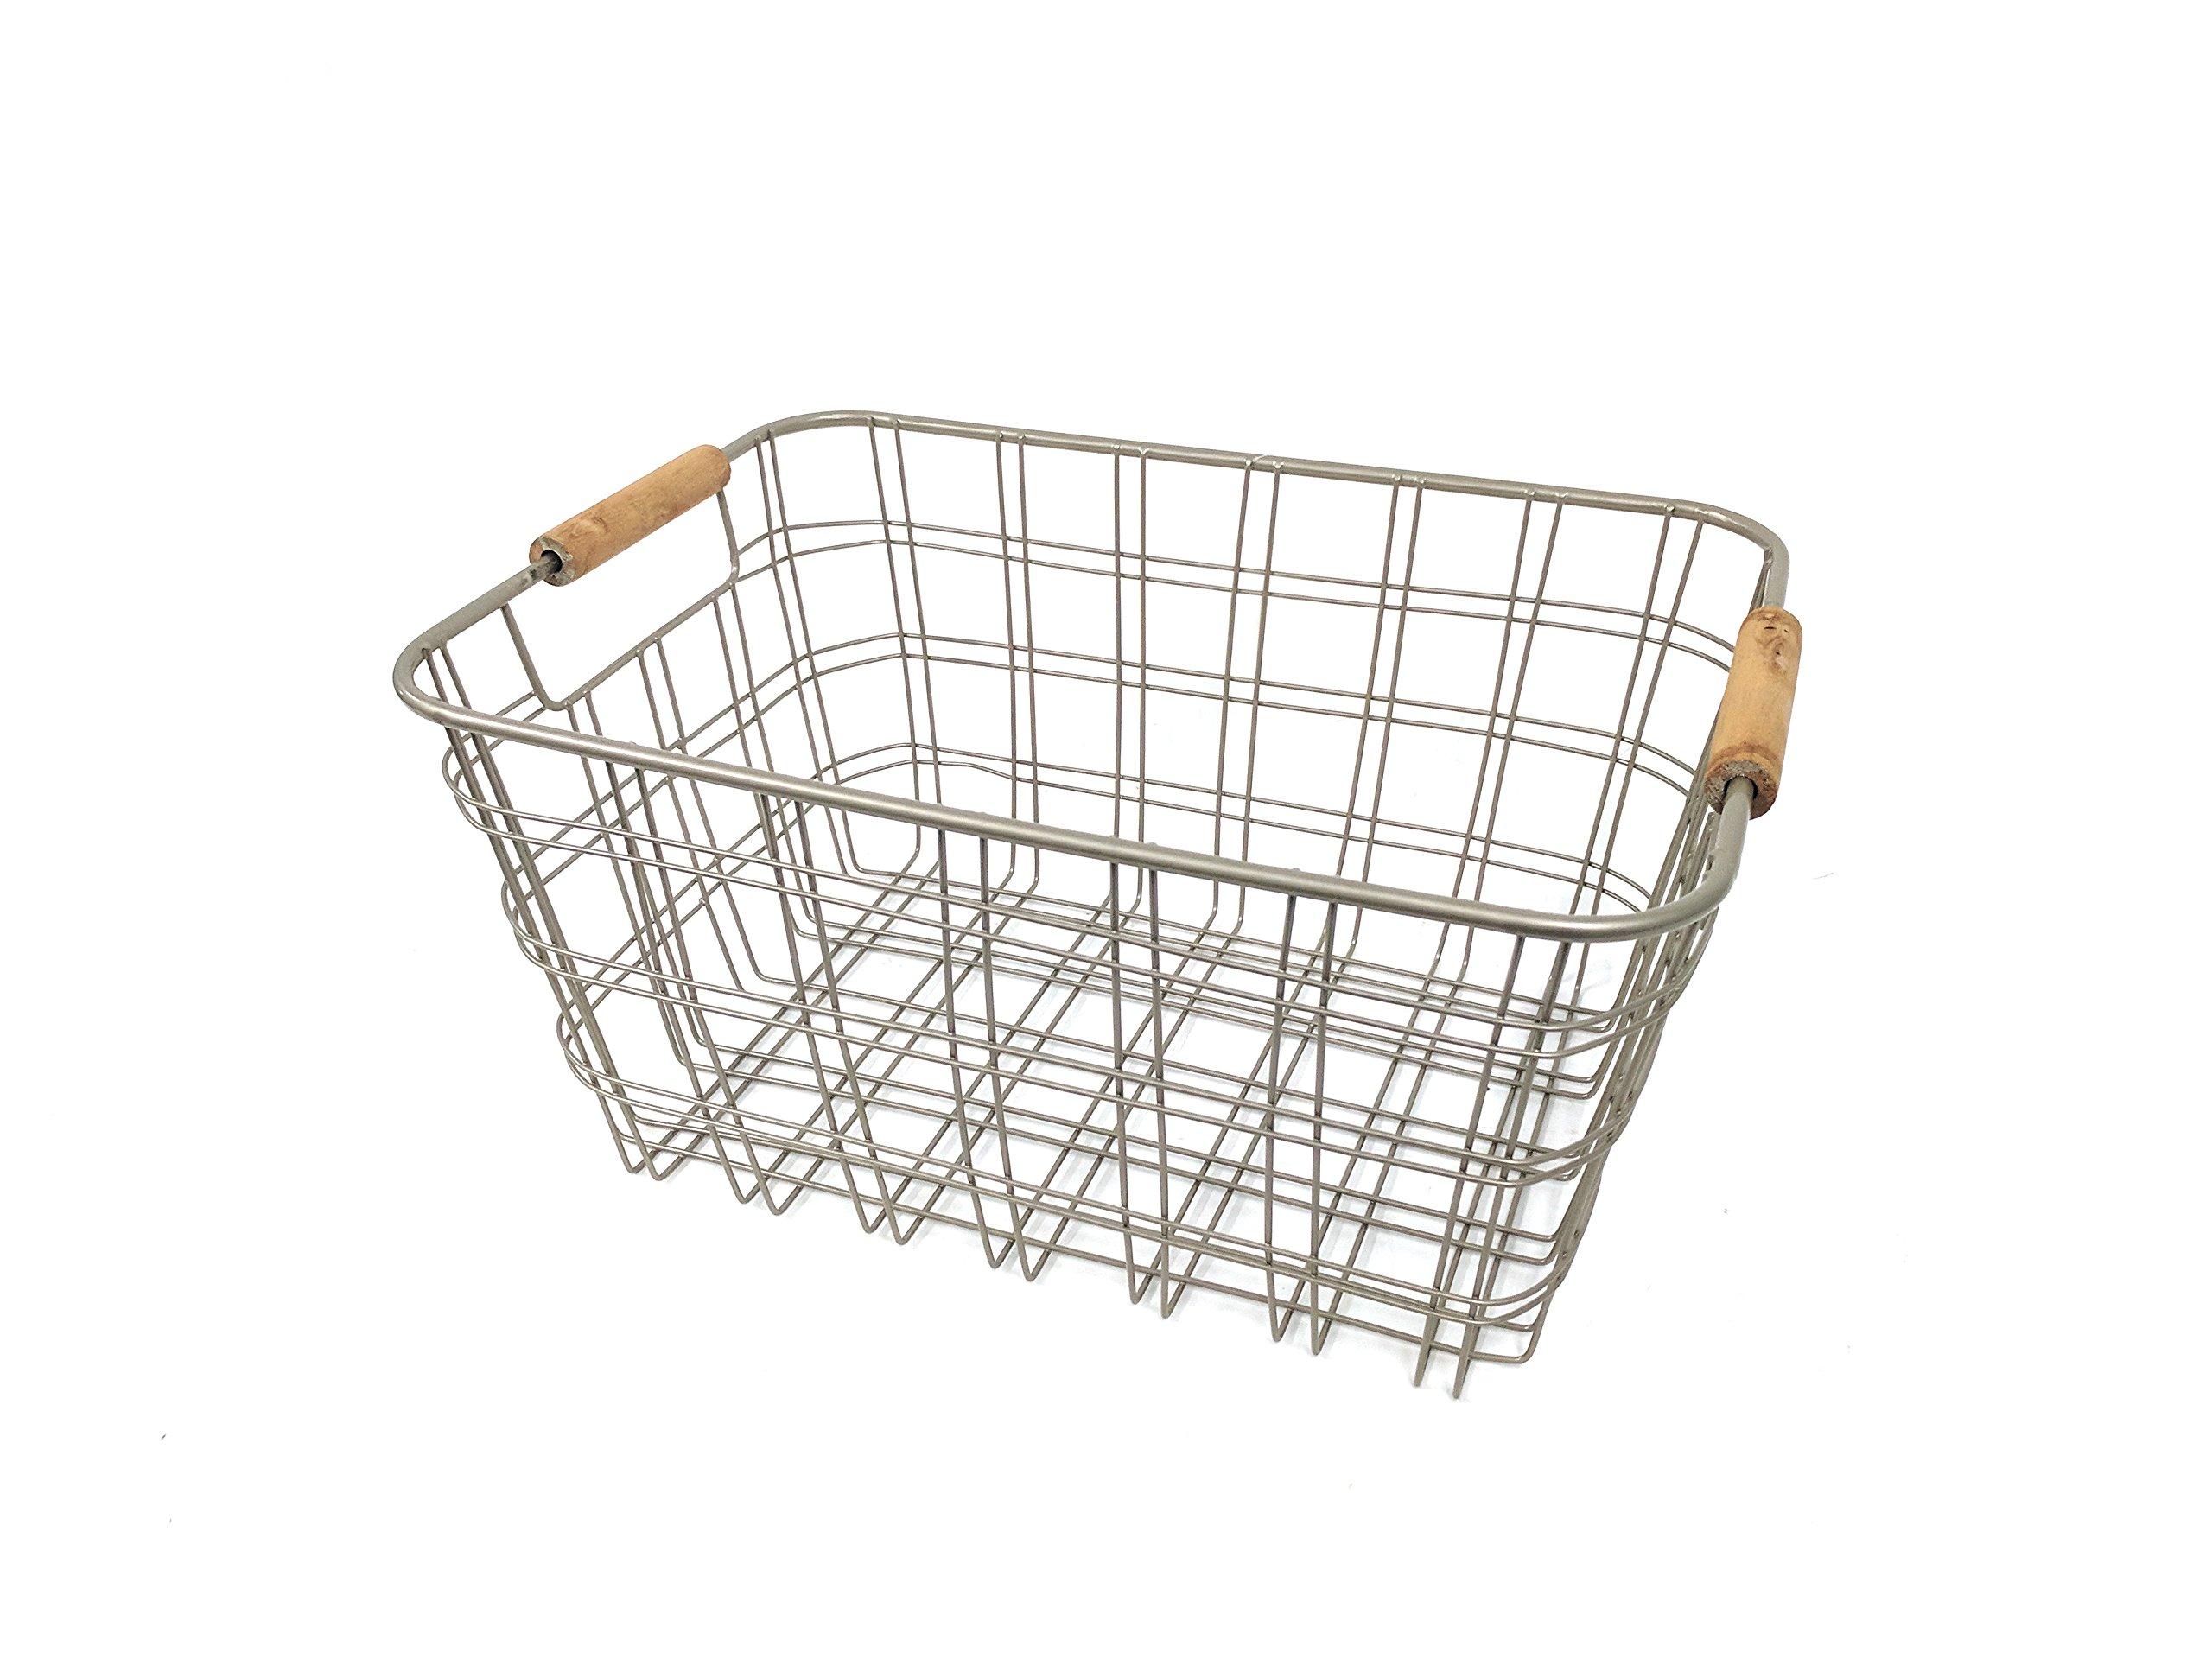 Designstyles Wired Metal Storage/Organizer Basket With Wooden Handel Shimmer Taupe